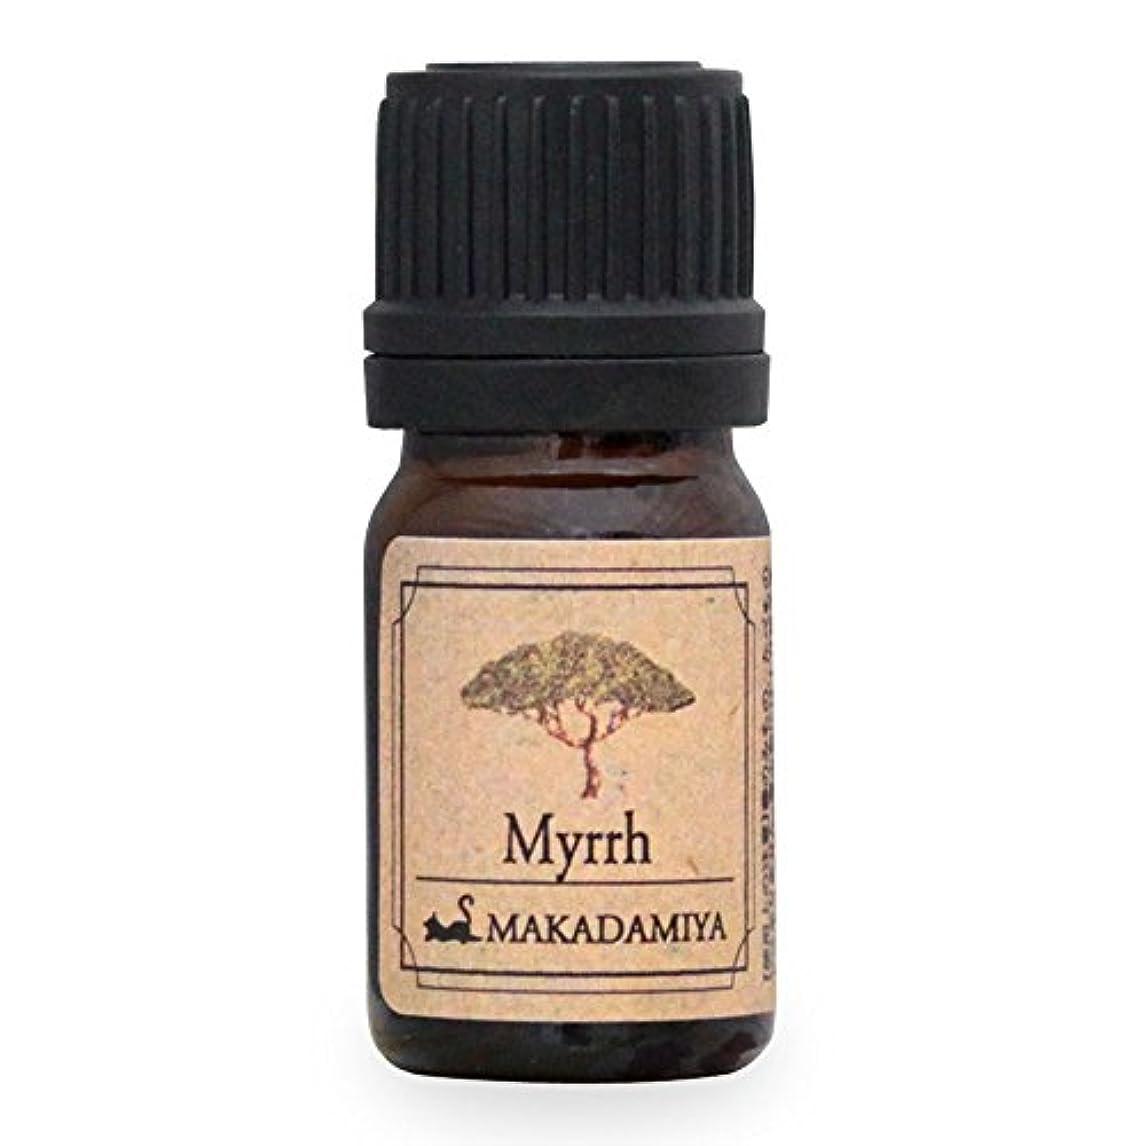 評価する物足りない若者ミルラ5ml 天然100%植物性 エッセンシャルオイル(精油) アロマオイル アロママッサージ aroma Myrrh